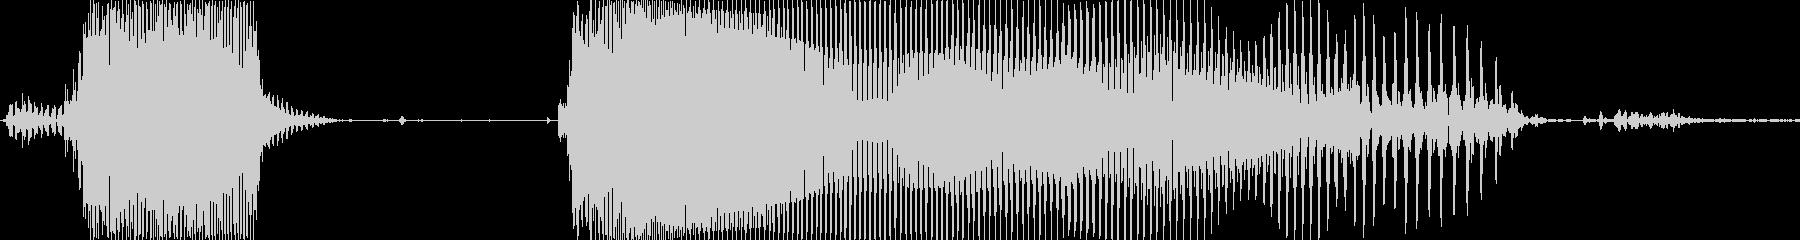 ゲットー!の未再生の波形